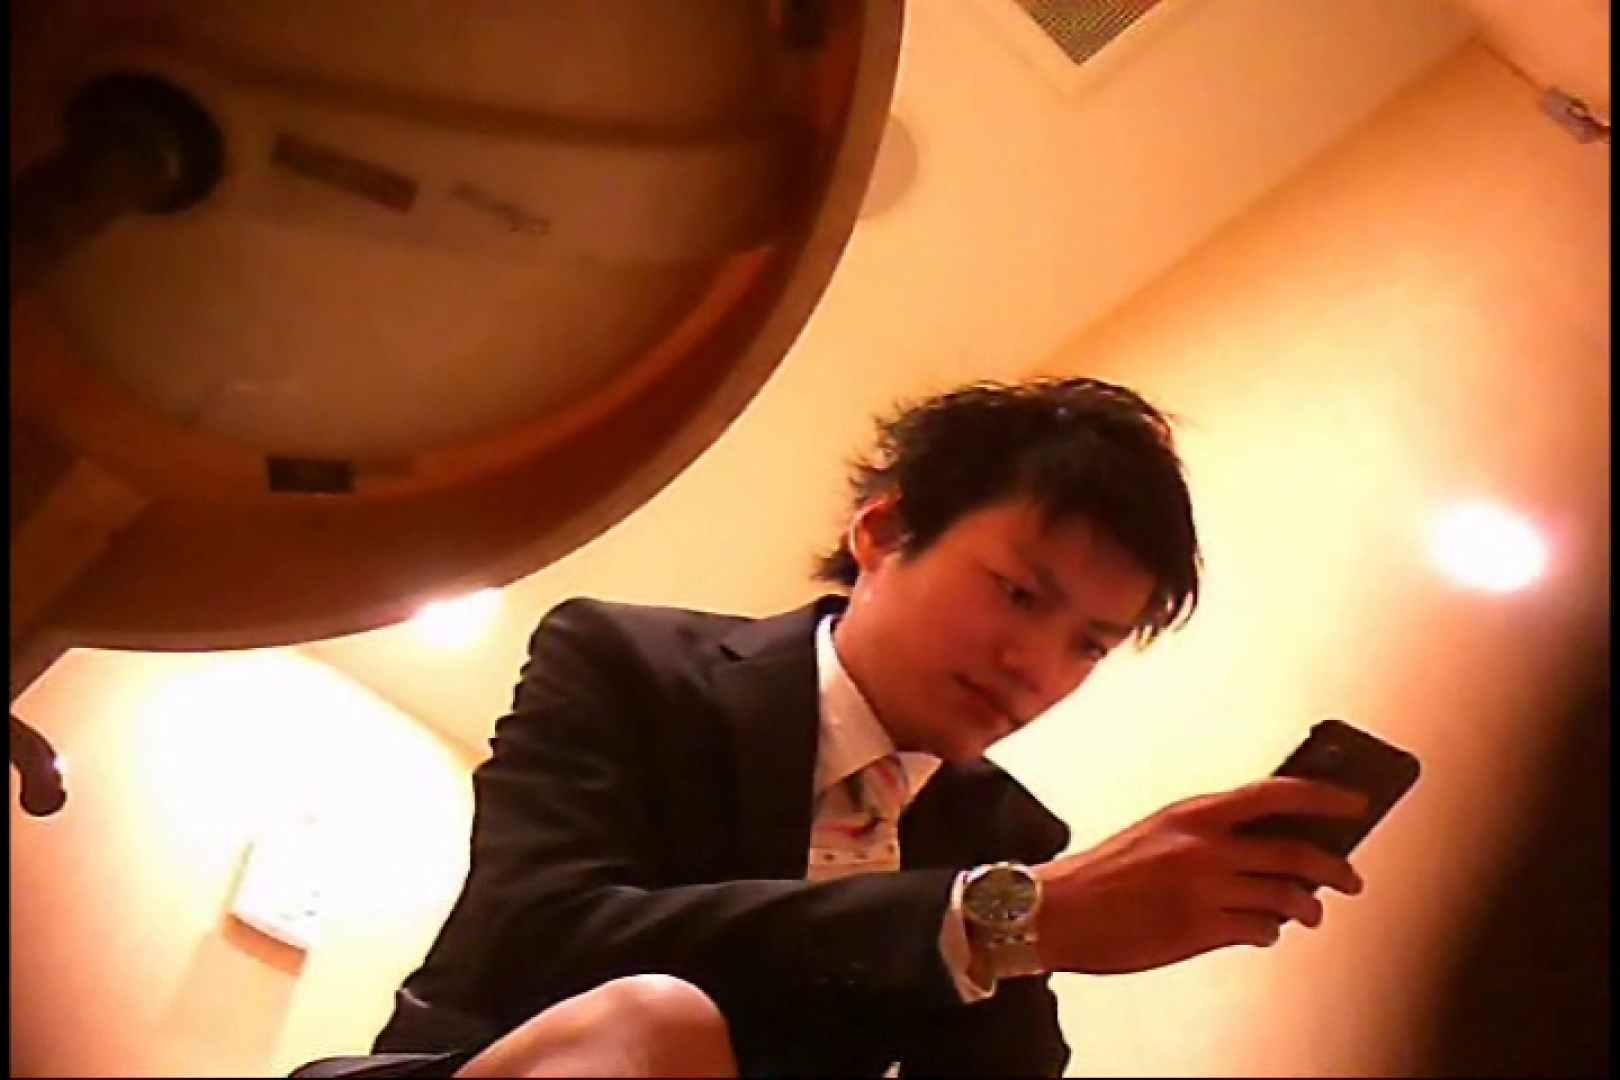 Gボーイ初投稿!掴み取りさんの洗面所覗き!in新幹線!VOL.04 スーツボーイズ   のぞき  65pic 22